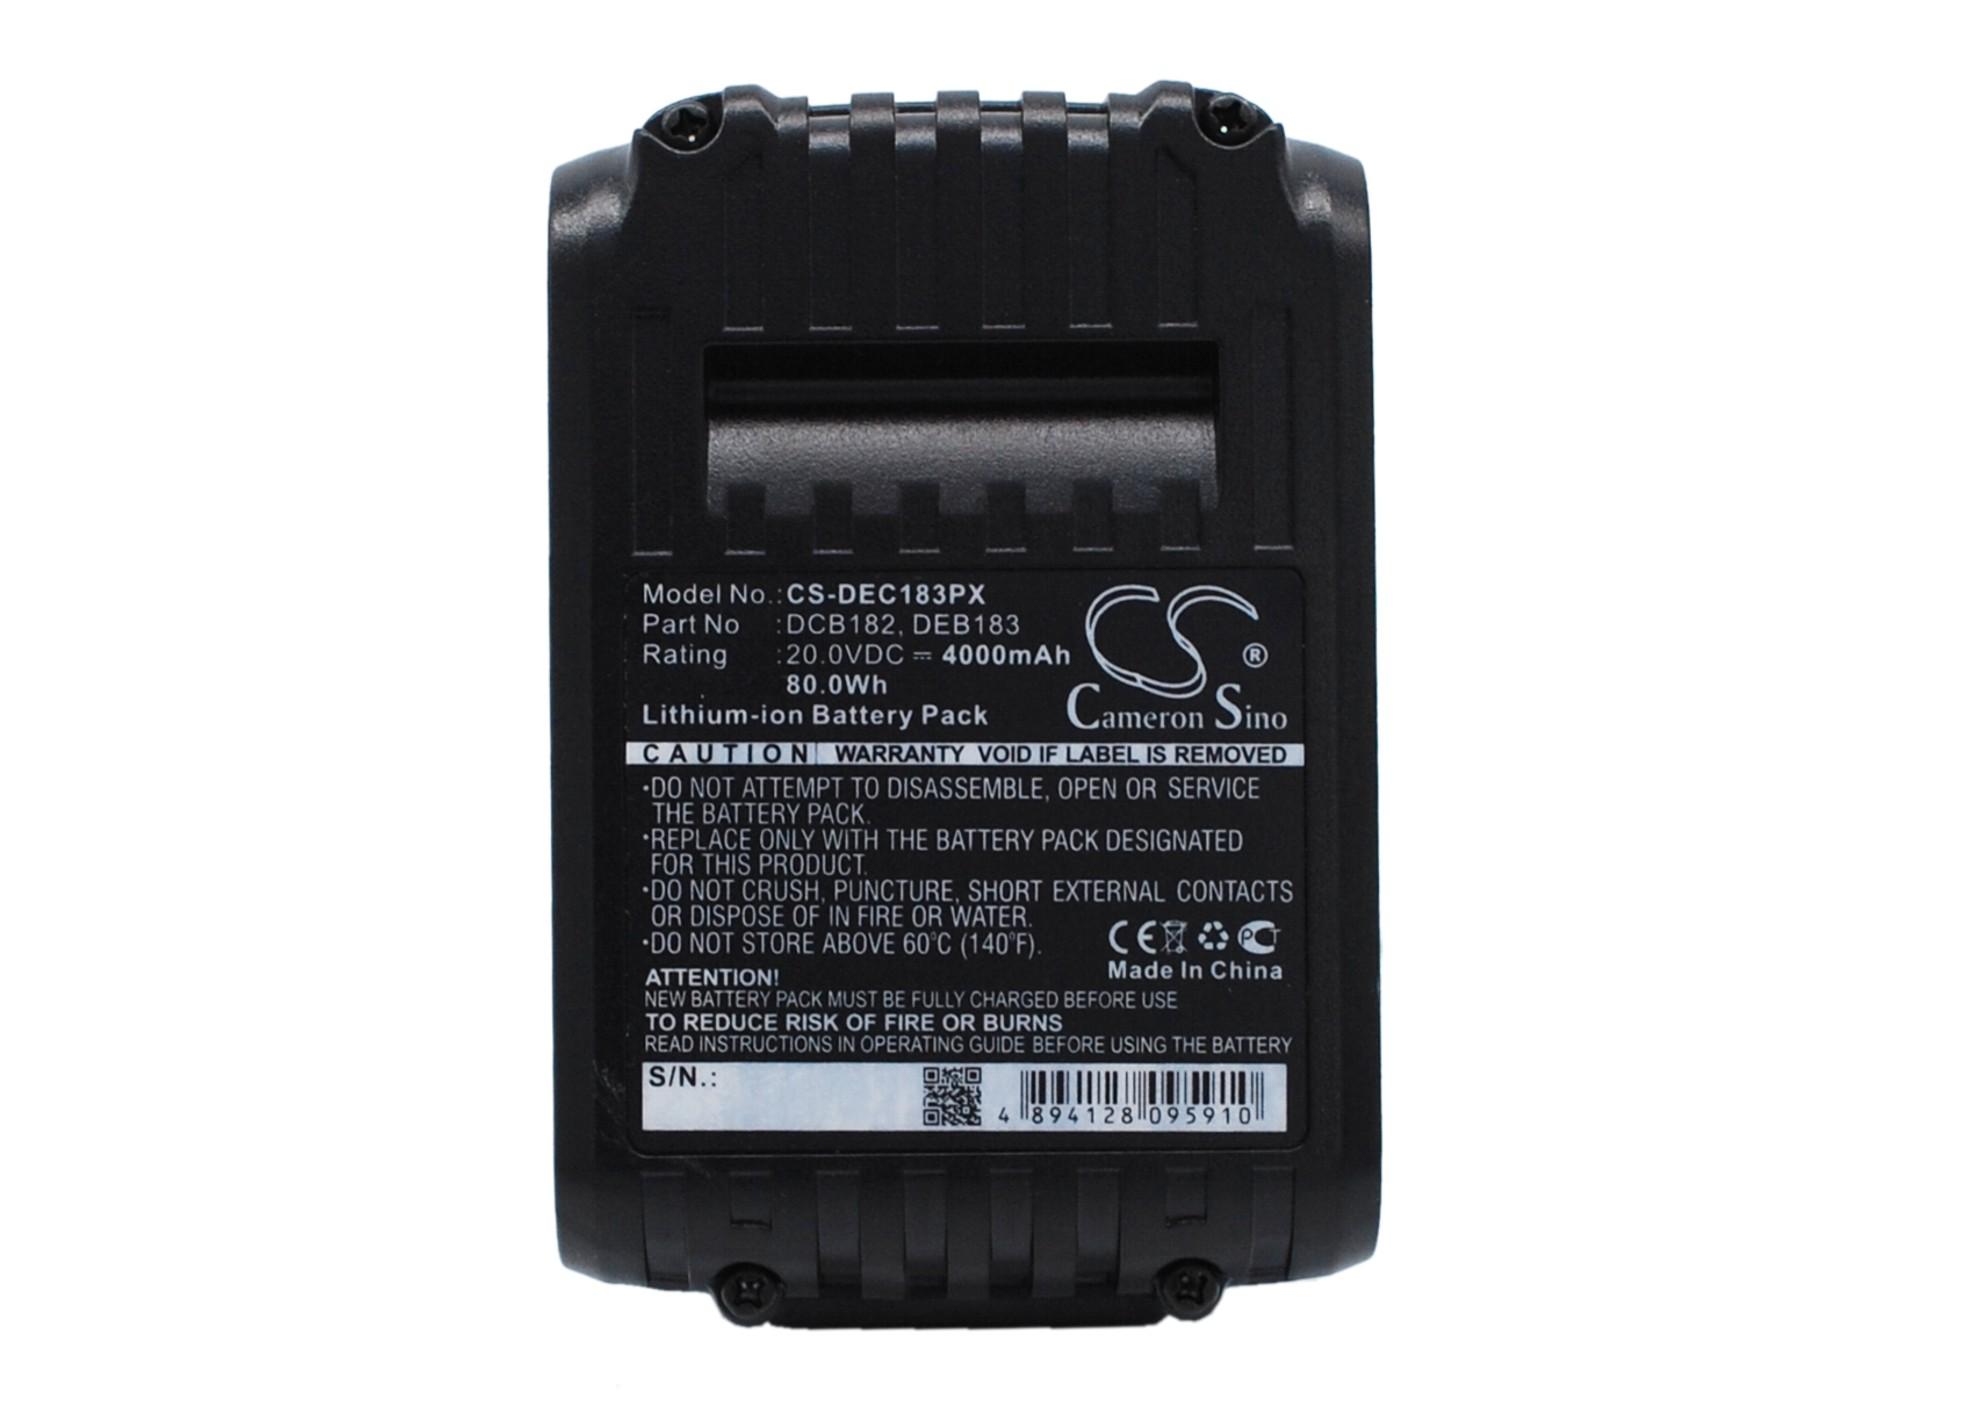 Cameron Sino baterie do nářadí pro DEWALT DCS331L1 20V Li-ion 4000mAh černá - neoriginální